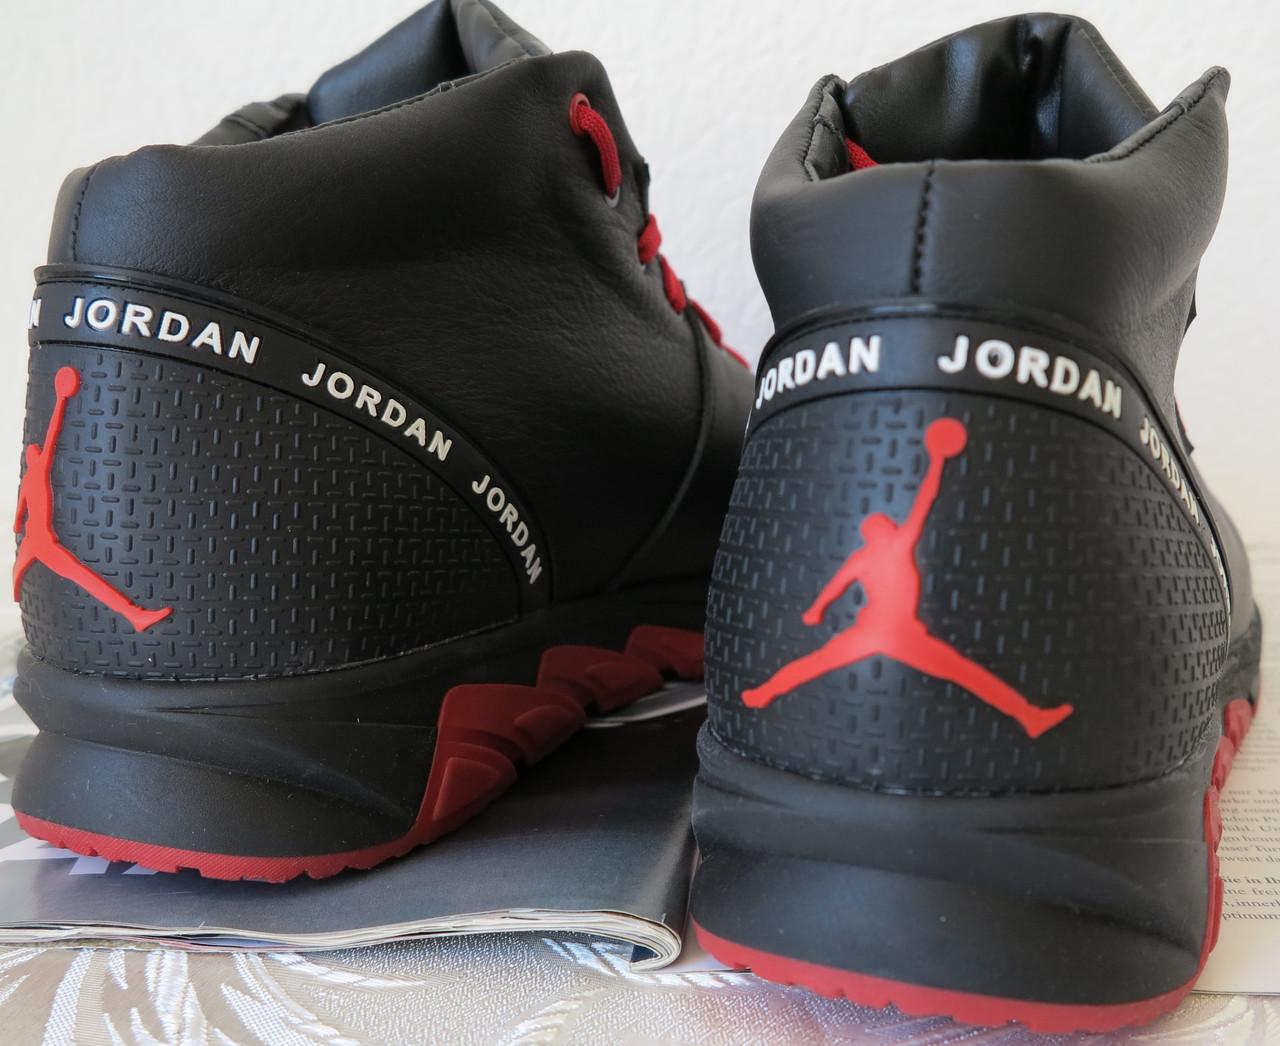 ae0e184a ... фото Jordan RP зимние мужские кроссовки кожа черные с красным  натуральный мех шерсть зима комфорт, ...